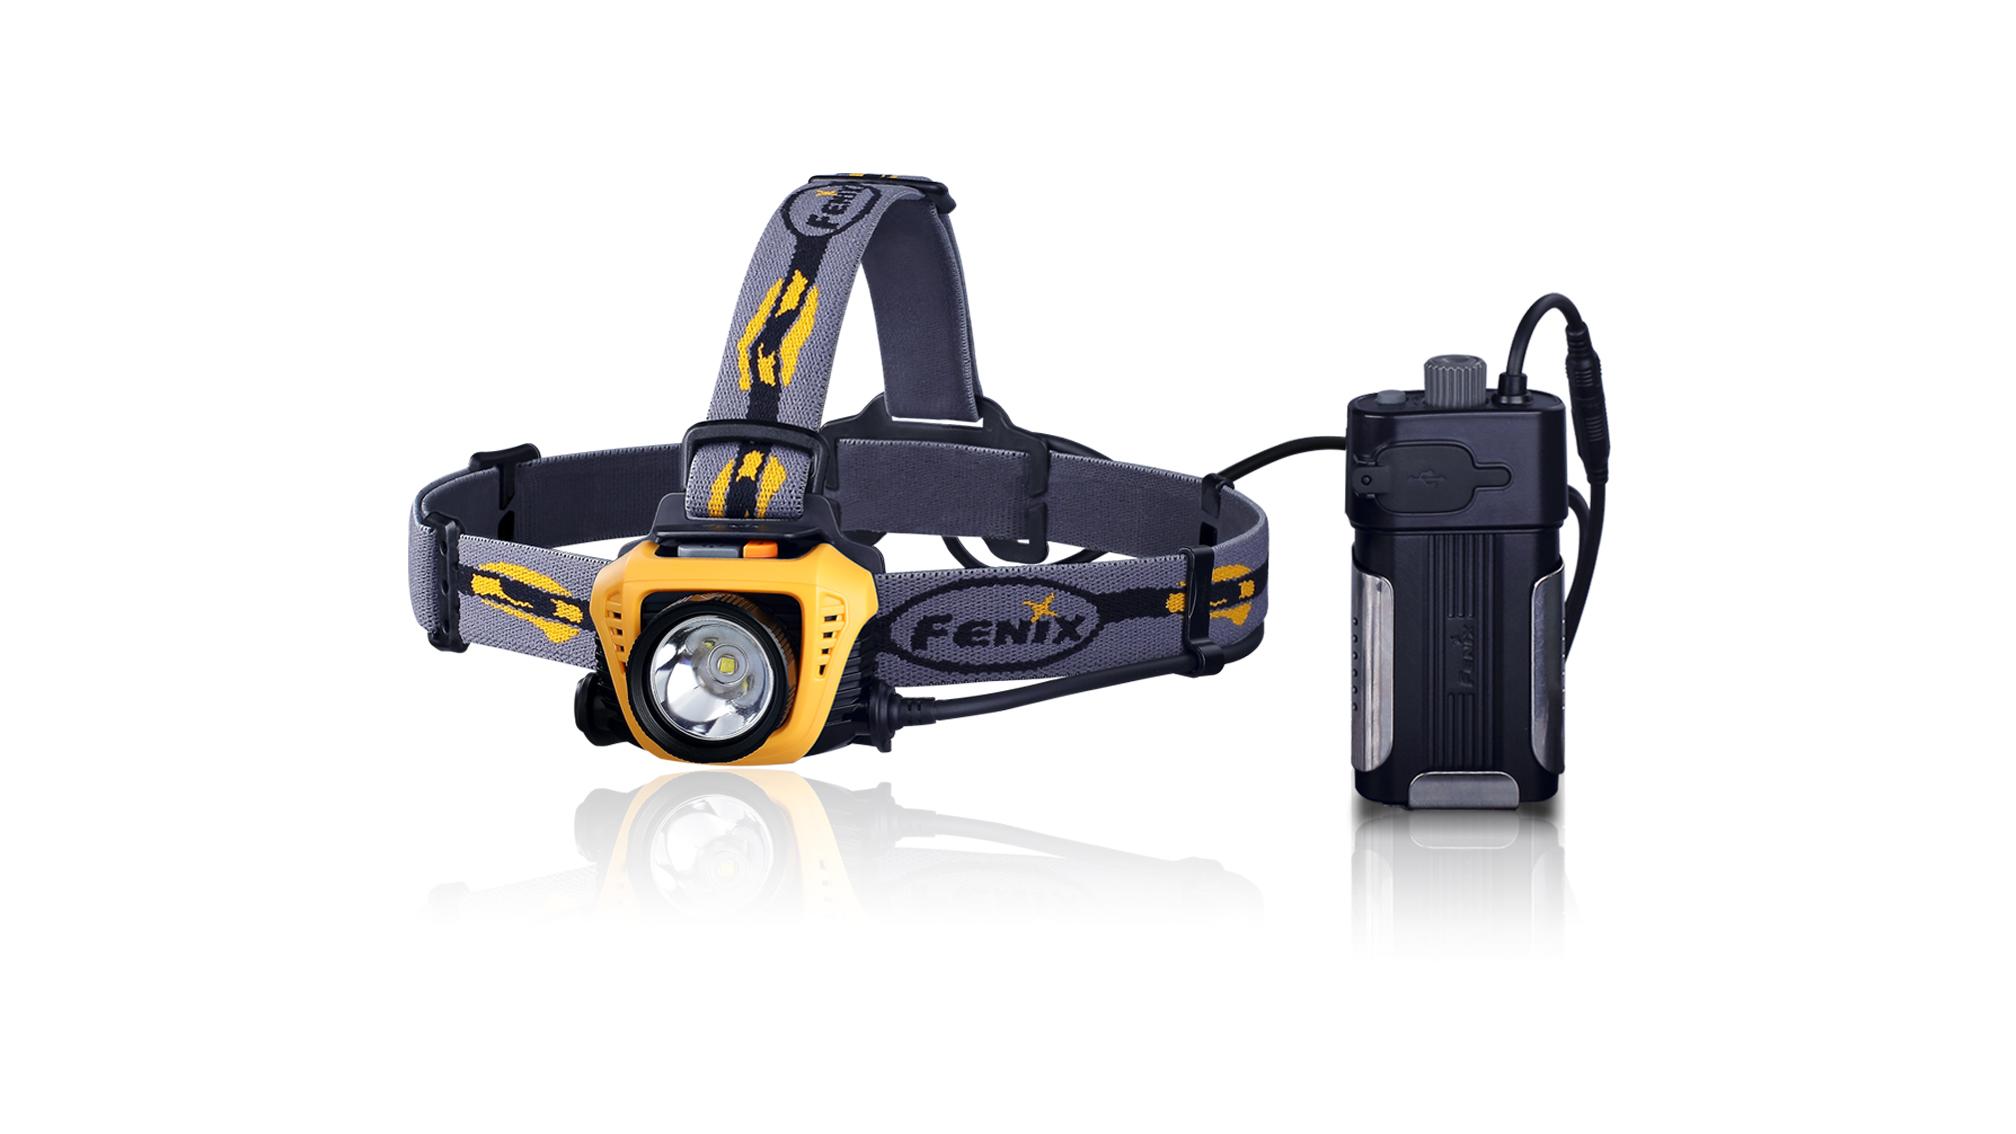 Fenix FlashLightShop HP30